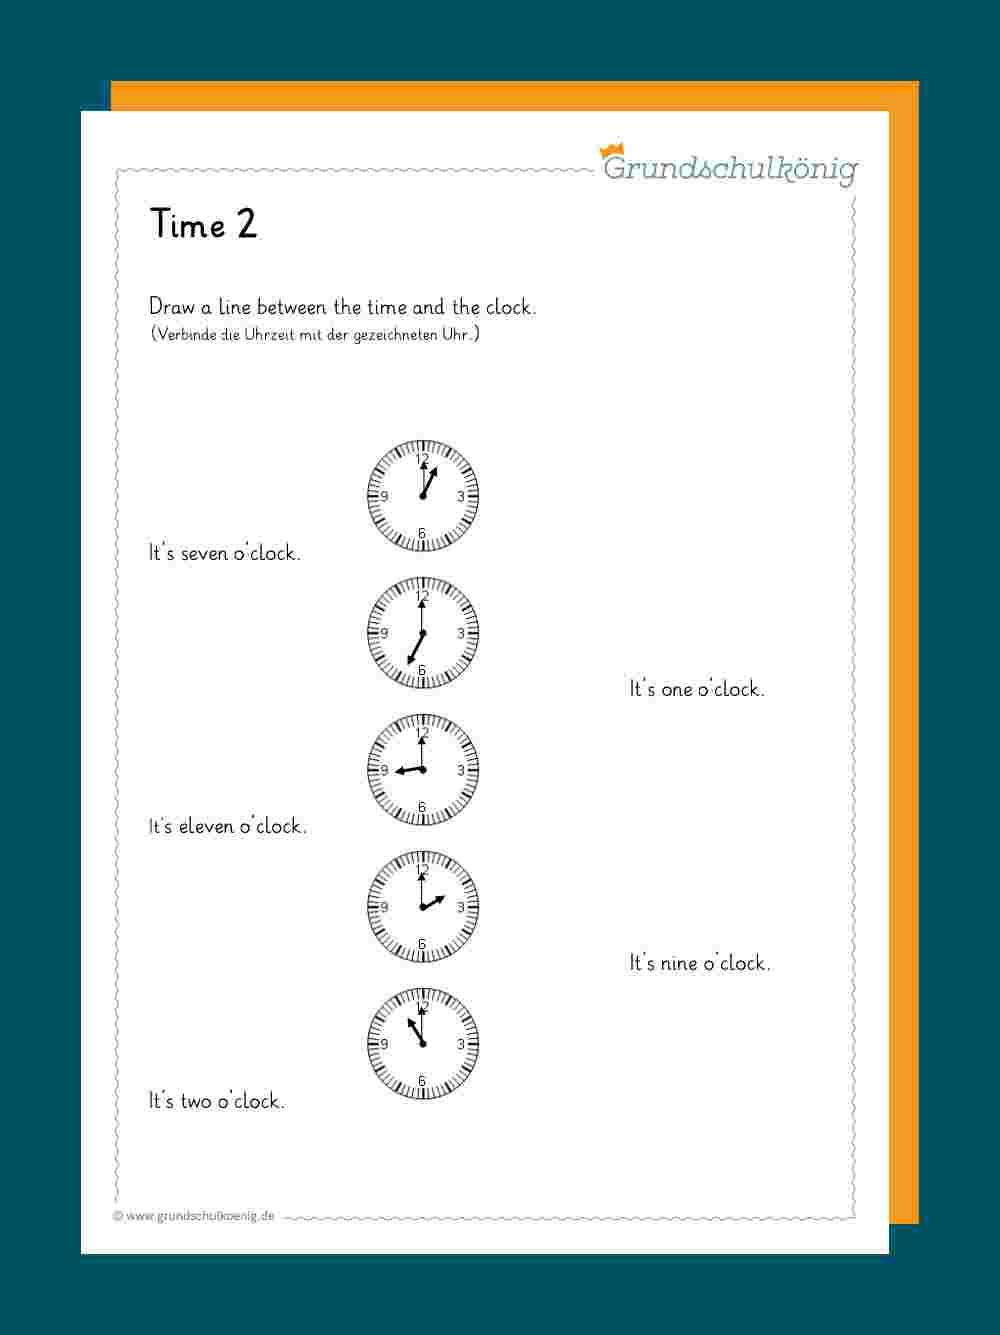 Time / Uhrzeit über Uhr Lernen Übungen